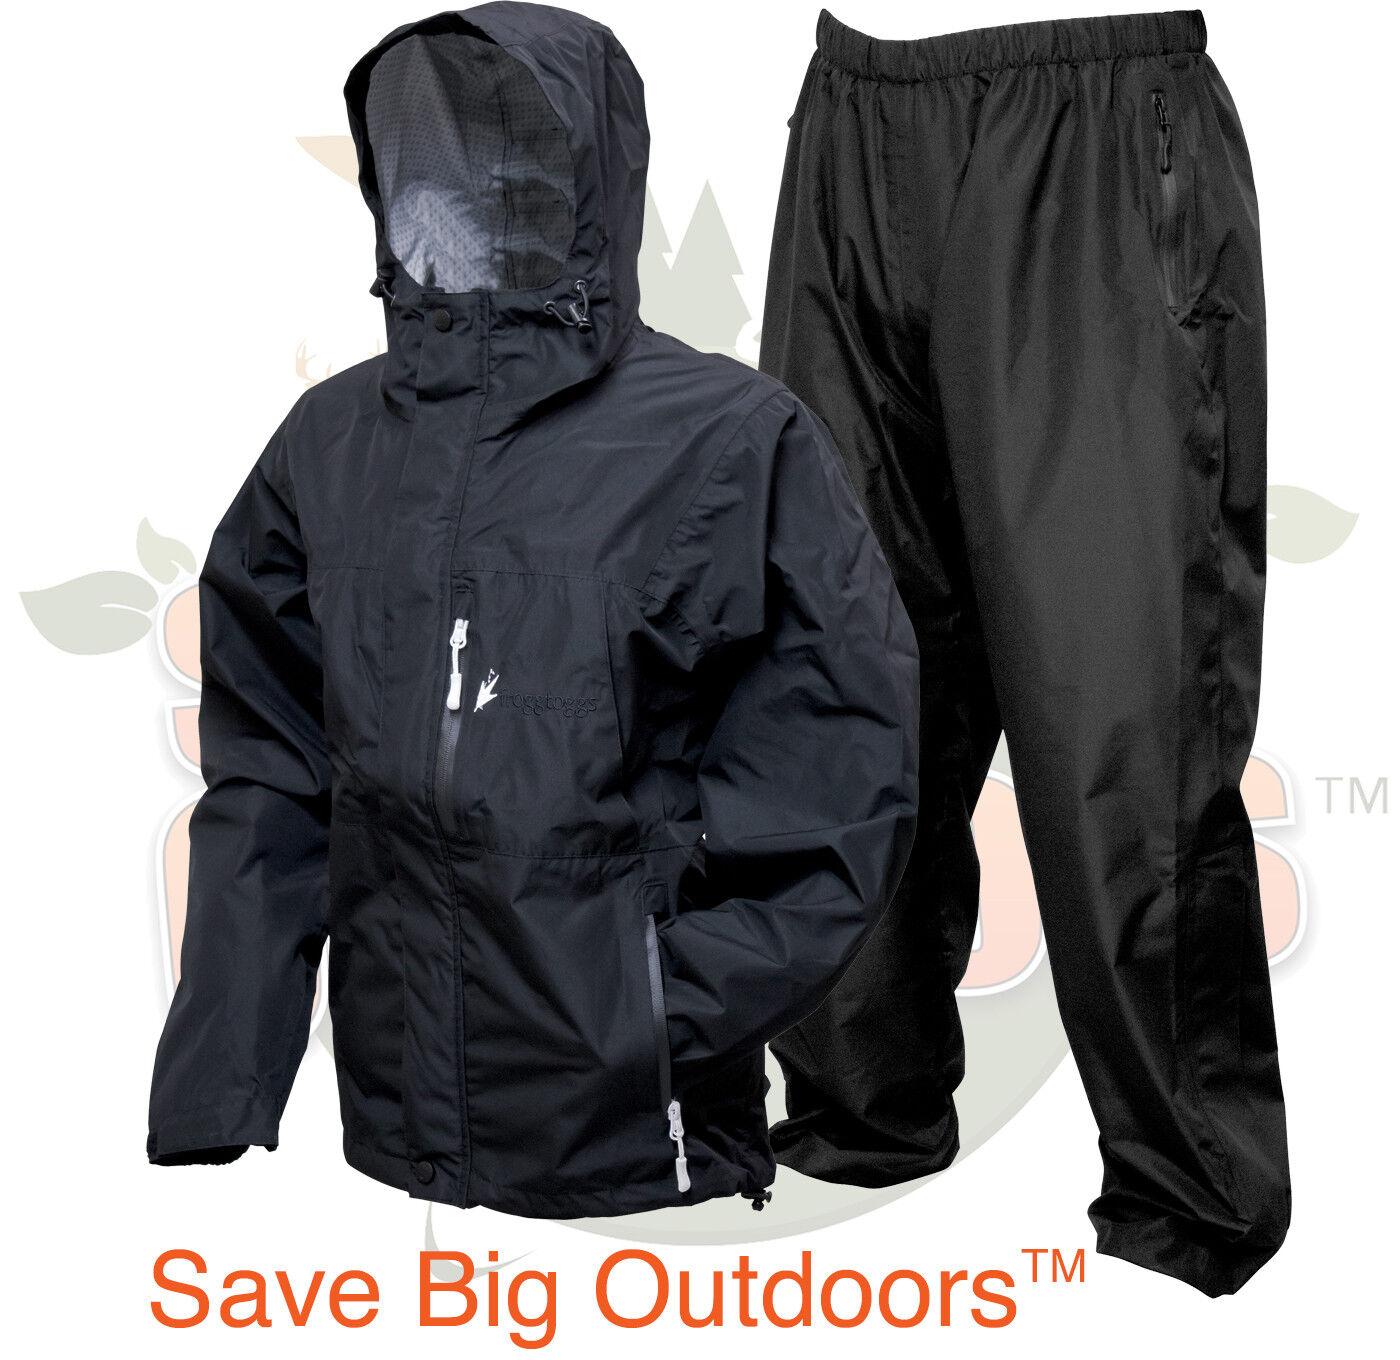 S Pequeño Mediano Frogg Toggs Mujer Negro  Java toadz sapos 2.5 Lluvia Traje Chaqueta y Pantalones  vendiendo bien en todo el mundo